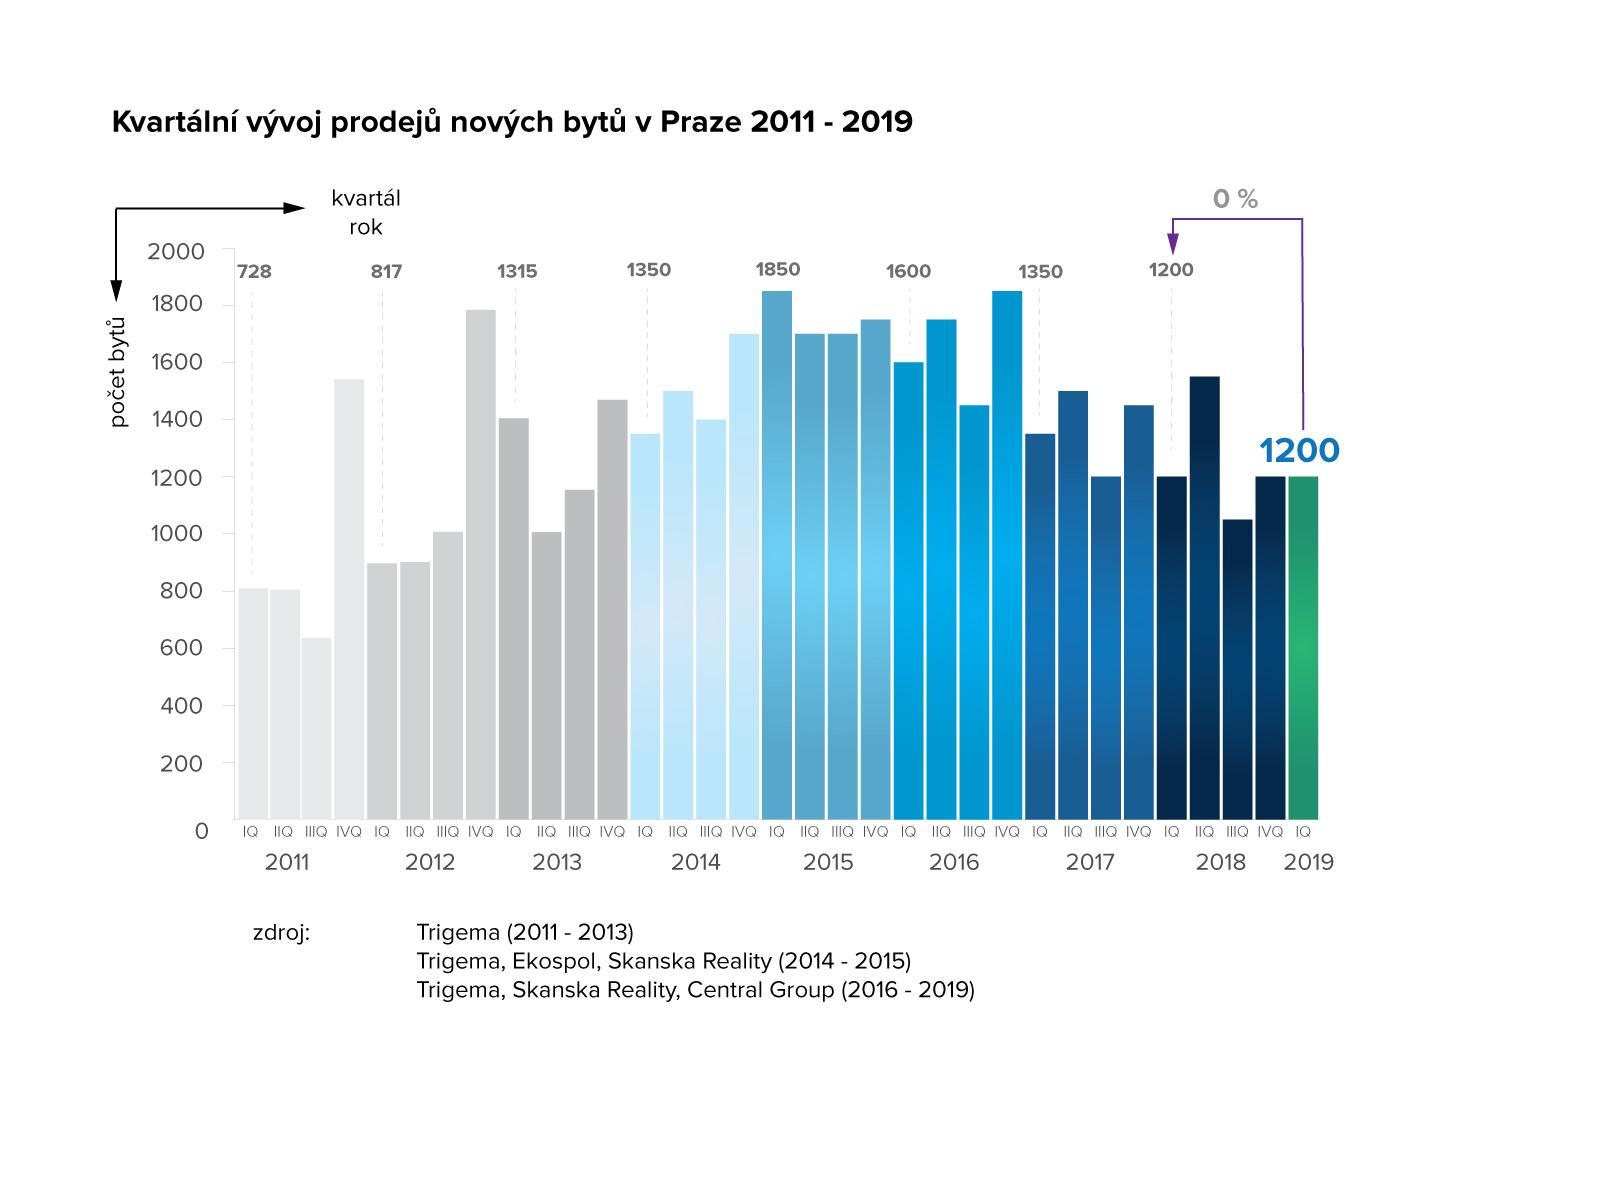 Kvartální vývoj prodejů nových bytů v Praze 2011-2019